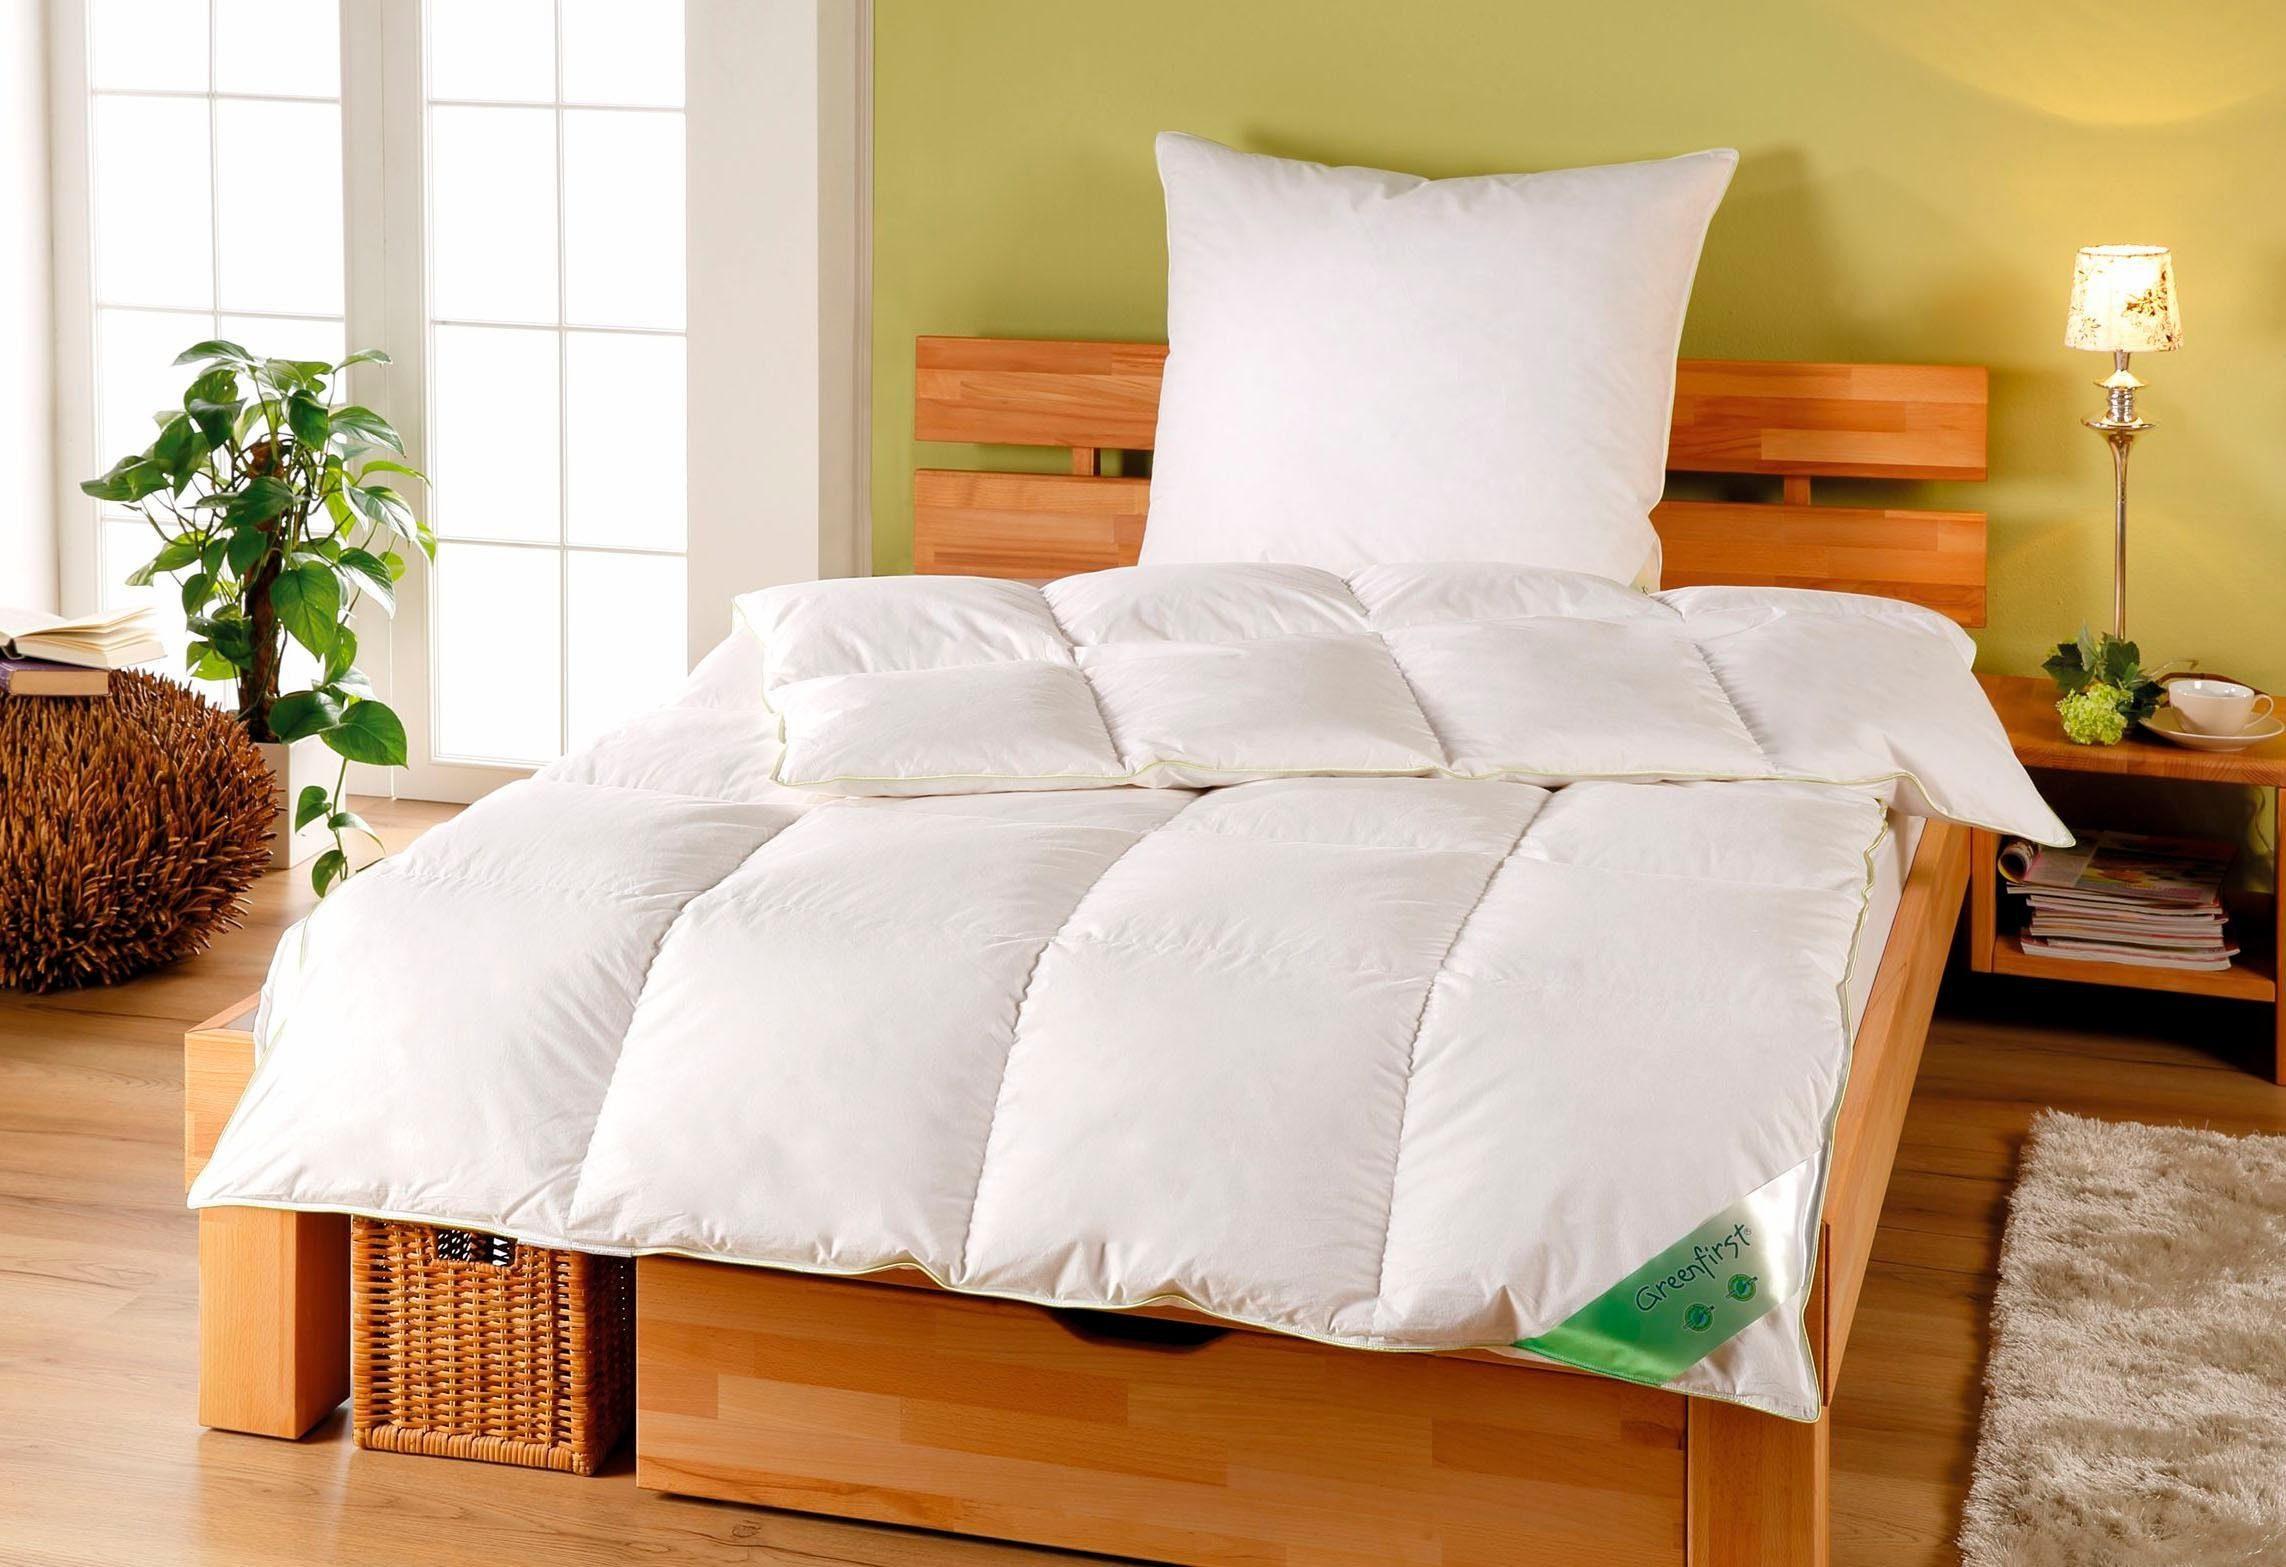 Daunenbettdecke, »Greenfirst«, KBT Bettwaren, warm, Füllung: 60% Daunen, 40% Federn, Bezug: 100% Baumwolle, (1-tlg)